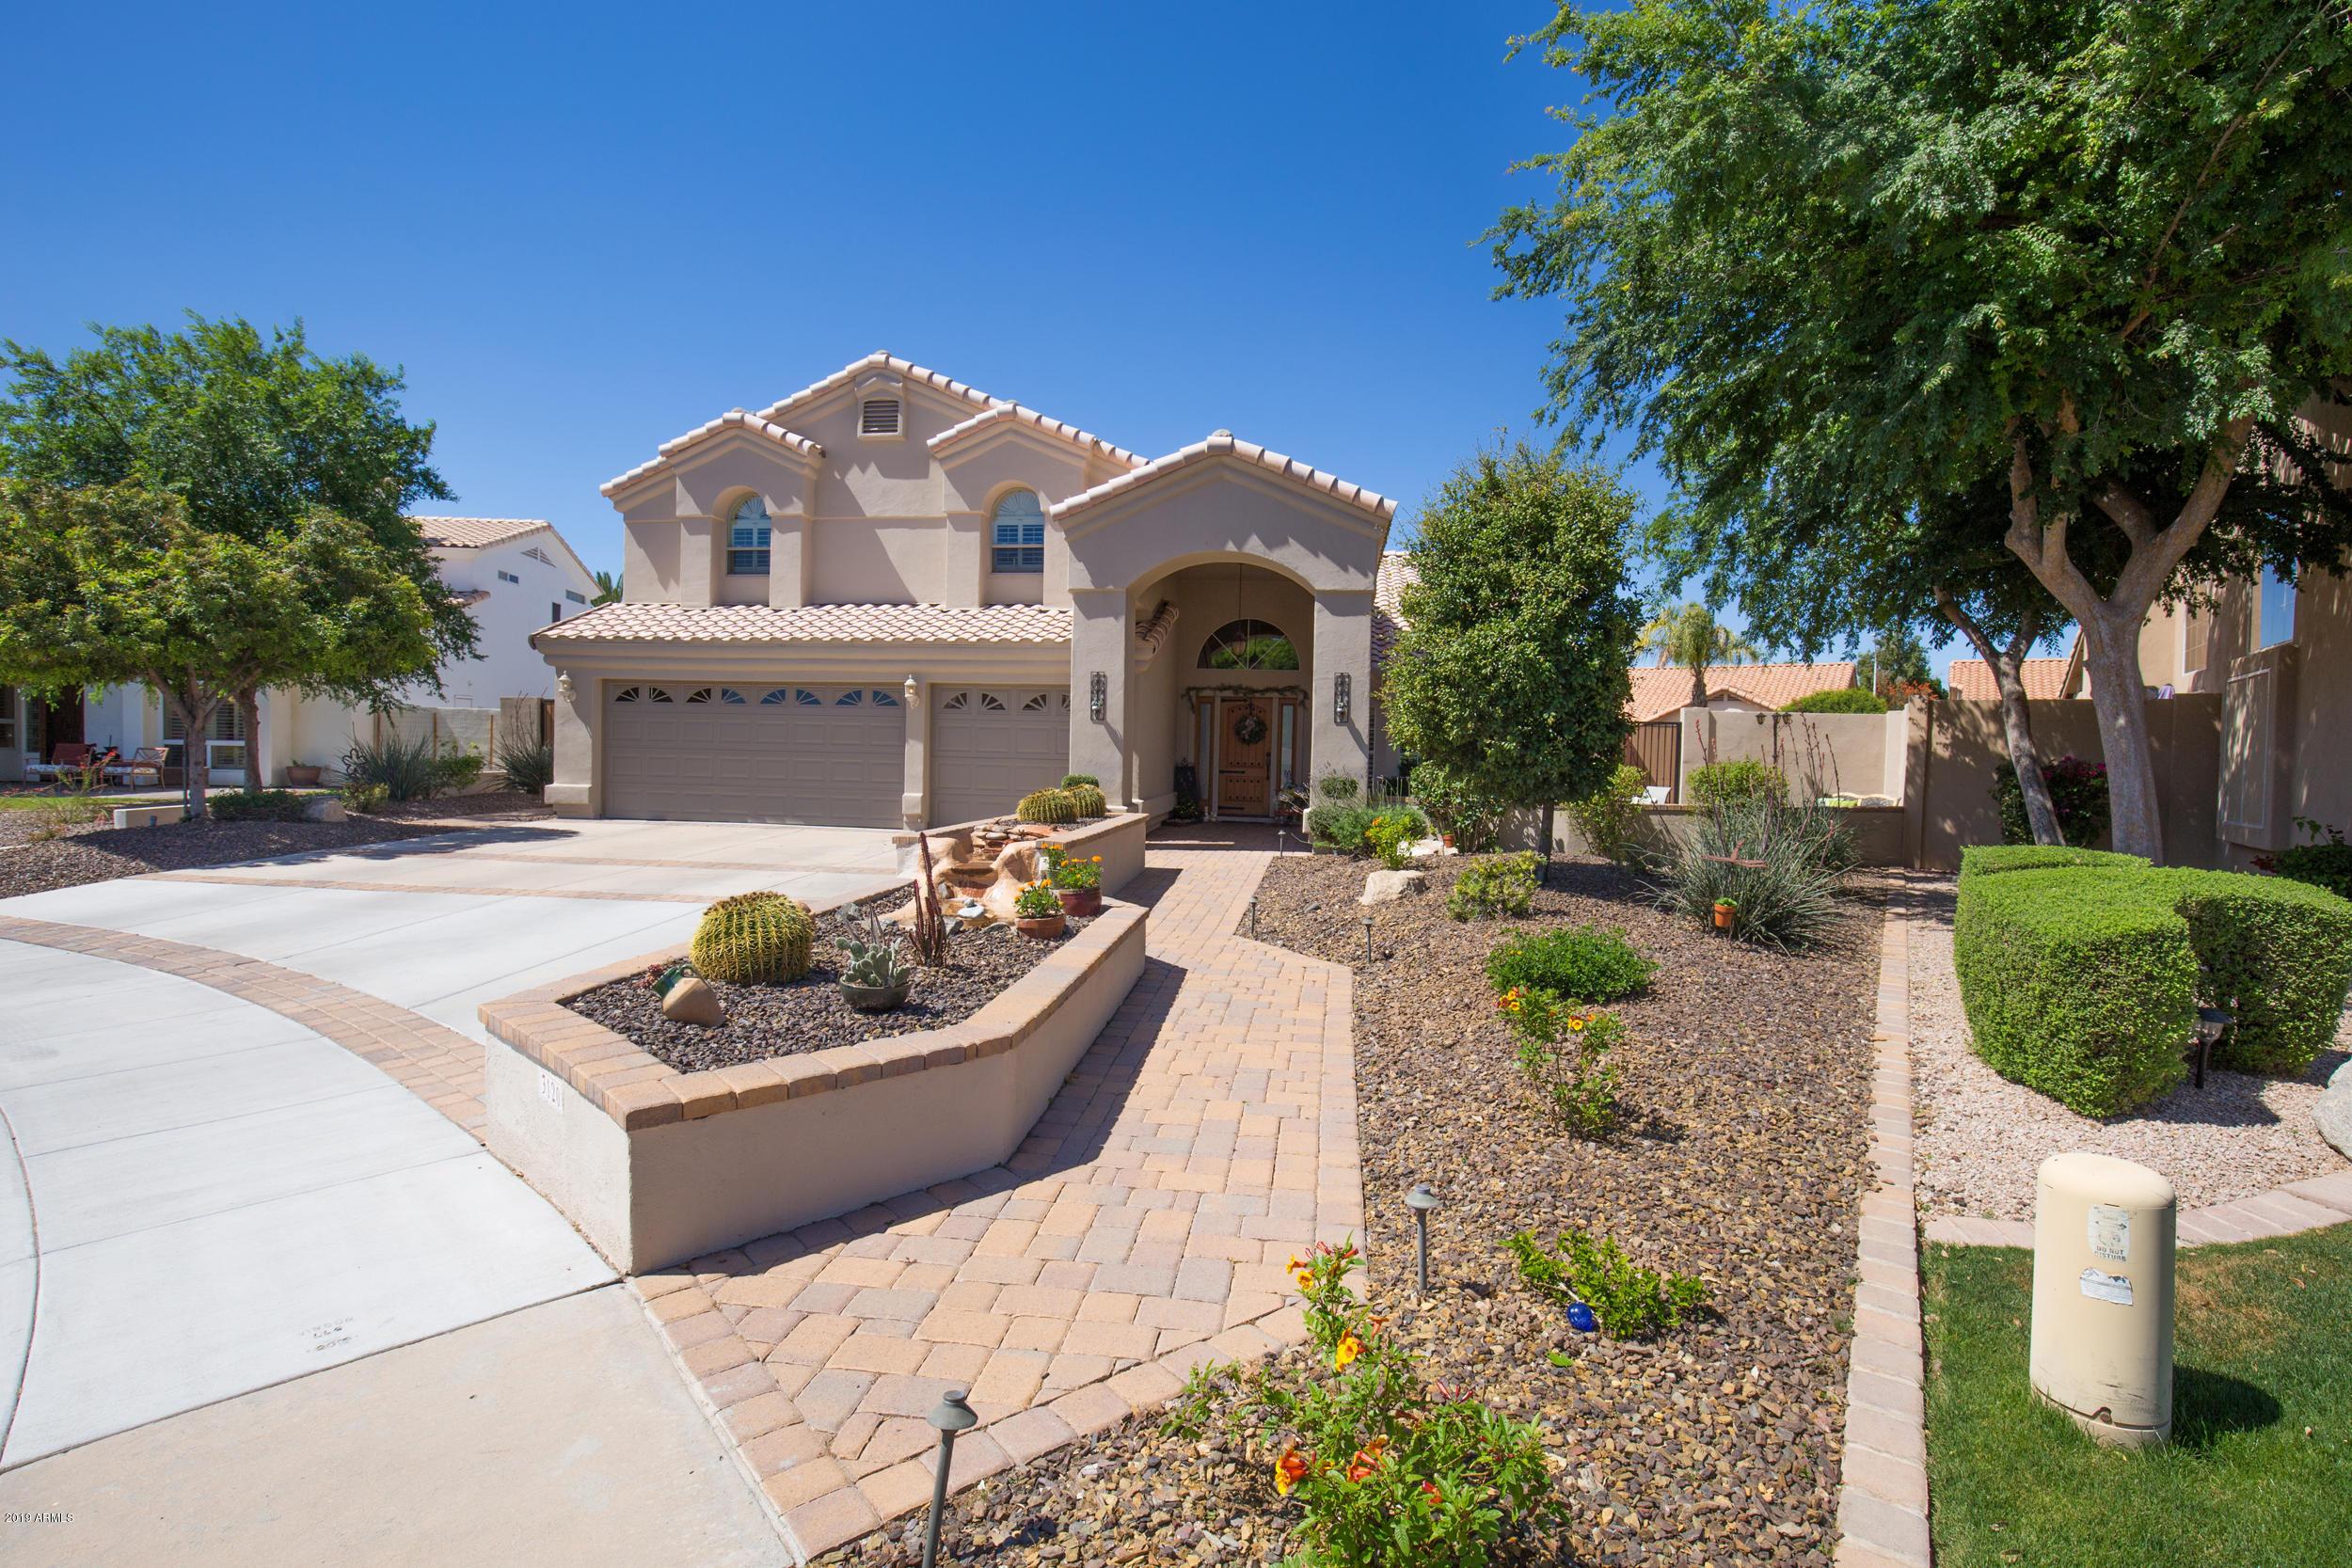 Photo of 3120 W IRONWOOD Circle, Chandler, AZ 85226